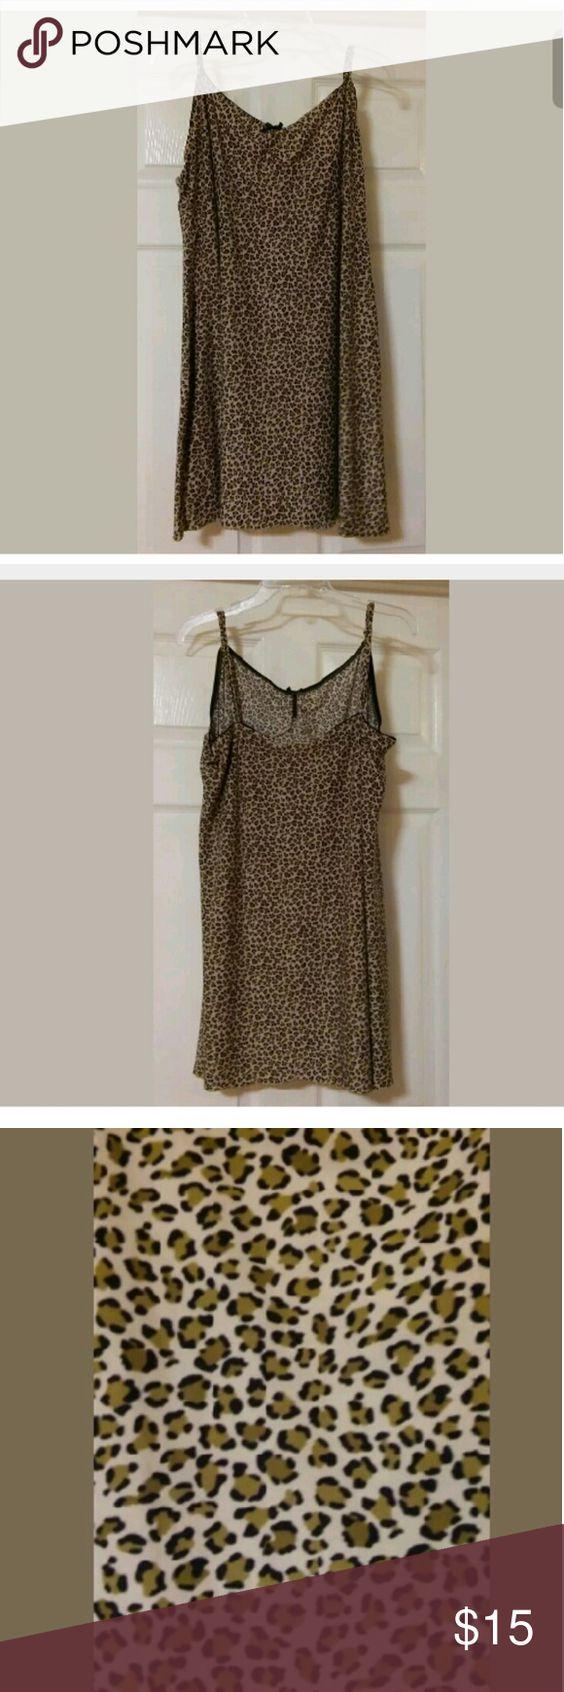 Secret Treasures Sleepwear Size 2X Secret Treasures Sleepwear Women Beige Leopard Strappy Lingerie Nightgown Sz 2X Secret Treasures Intimates & Sleepwear Pajamas